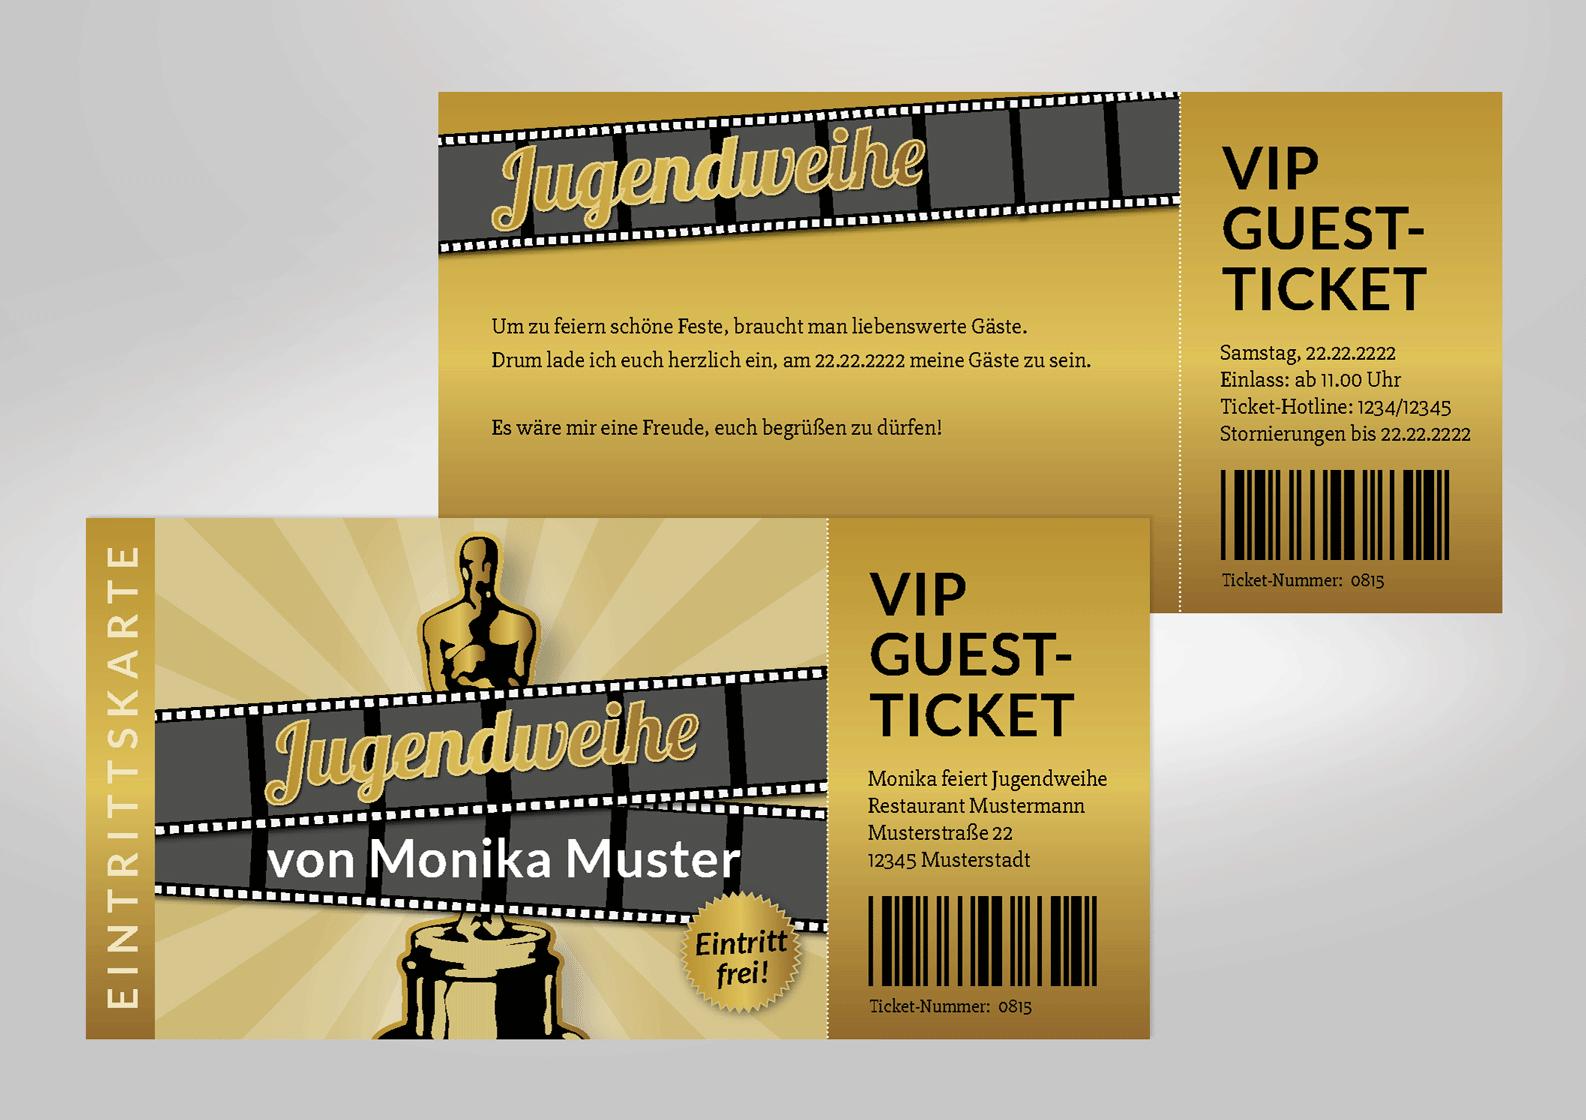 Einladung zur Jugendweihe als VIP-Ticket